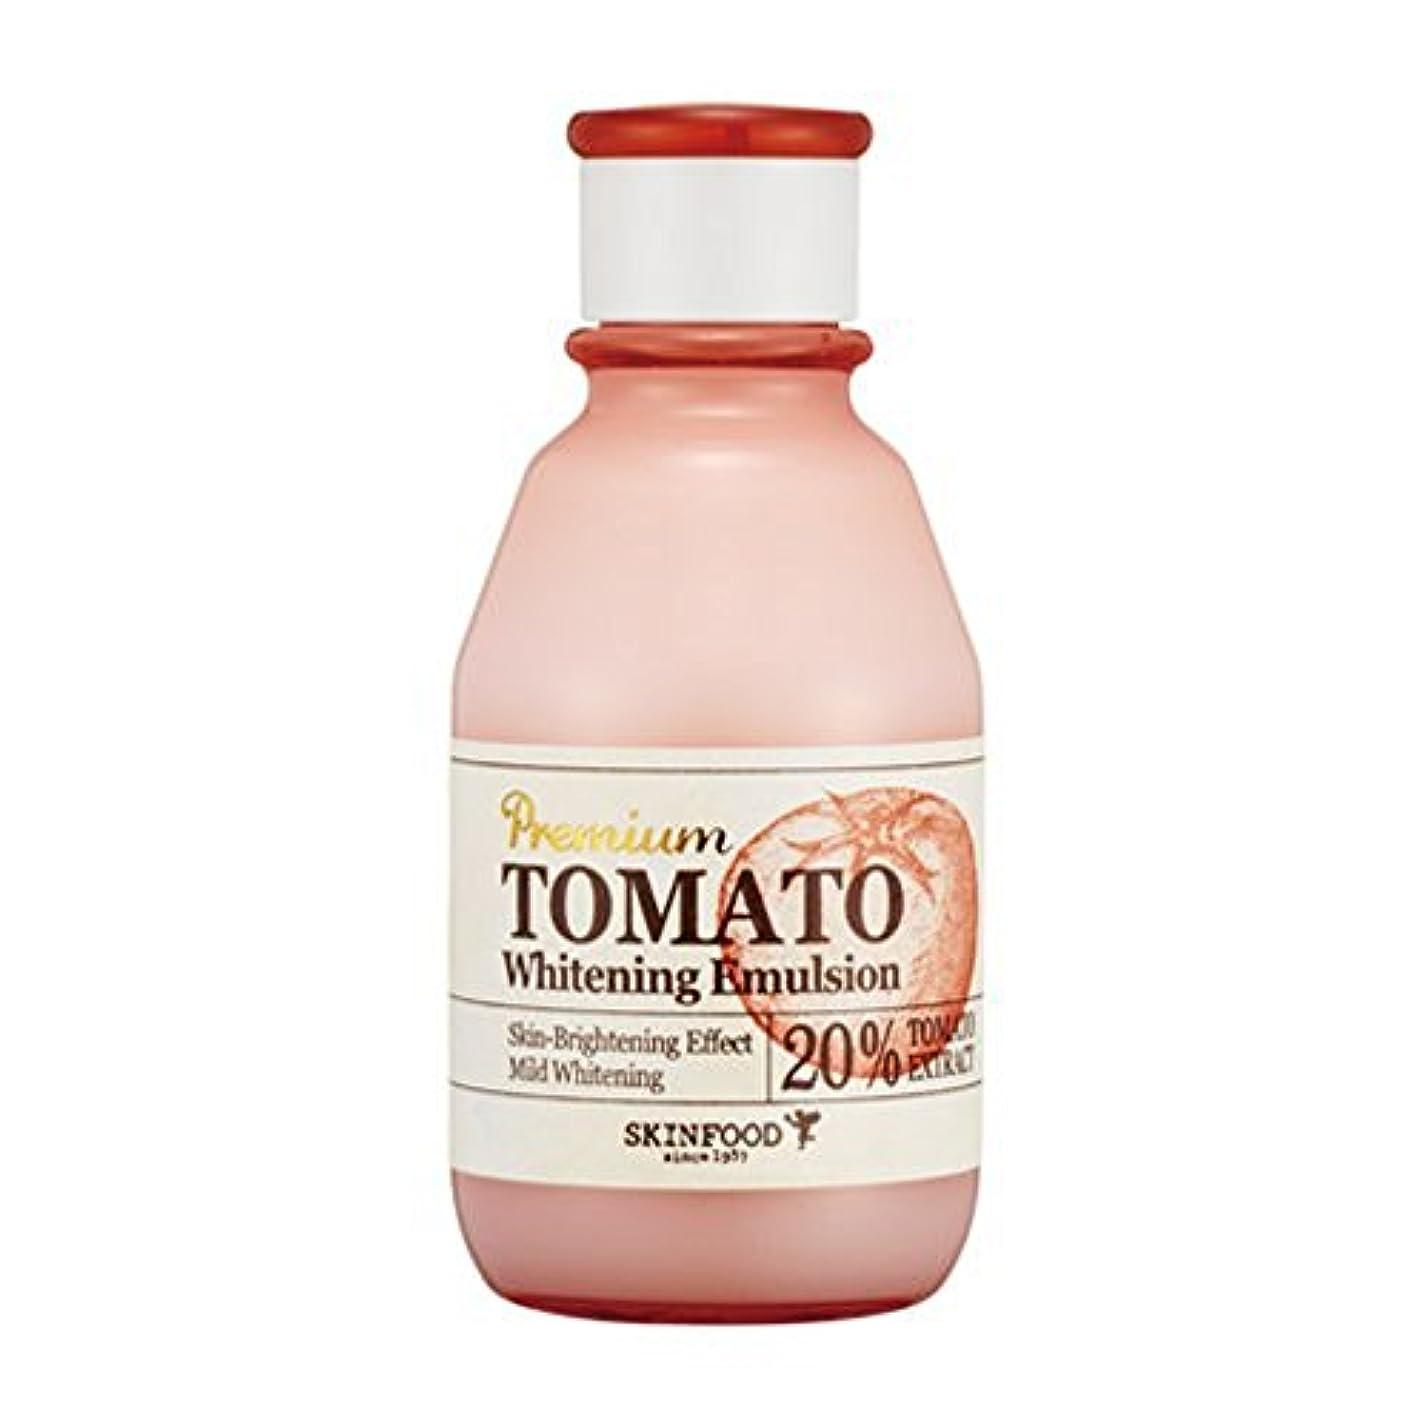 ピストンめまい代数SKINFOOD スキンフード トマト?ホワイトニング?乳液?エマルジョン 140ml (Premium Tomato Whitening Emulsion) 海外直送品